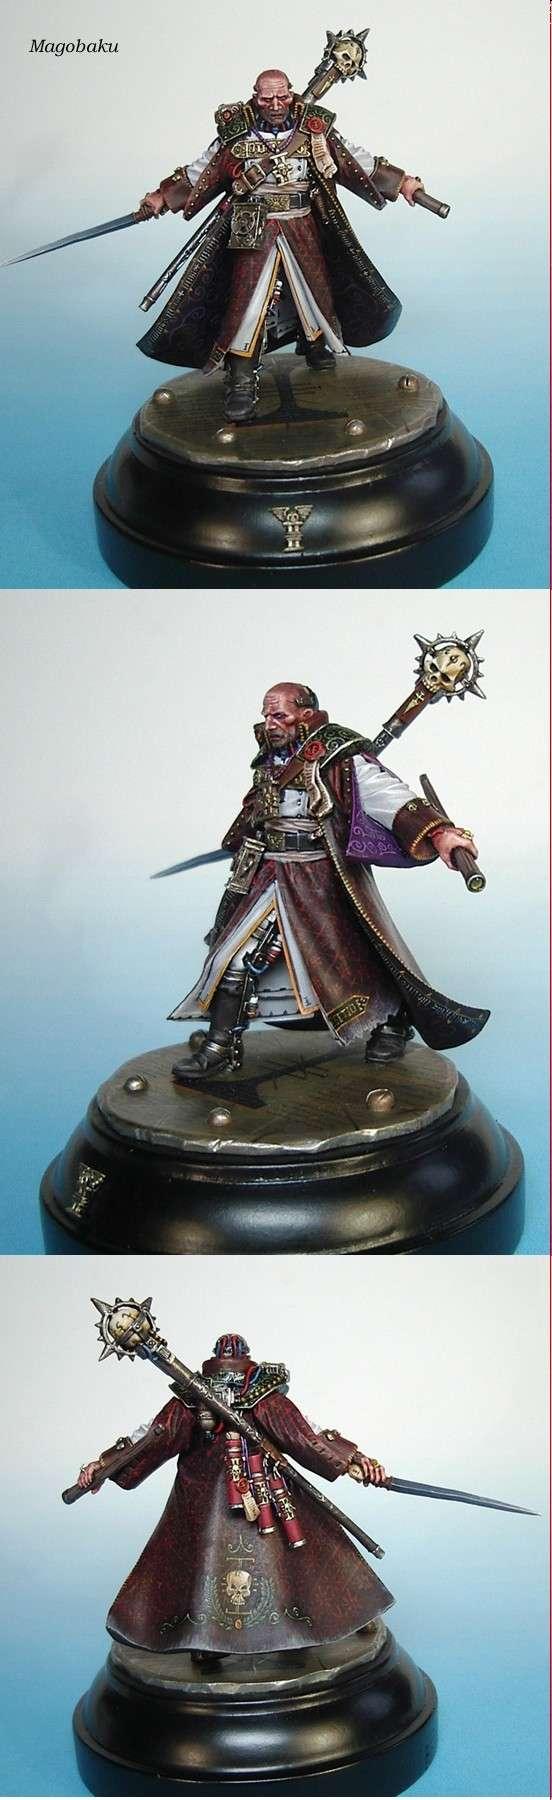 Eisenhorn,the inquisitor